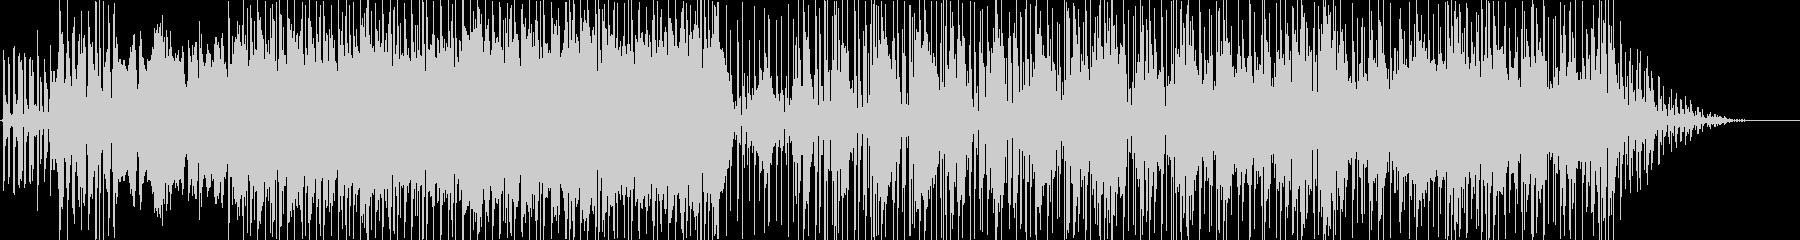 繰り返されるリズミカルなエレクトロ...の未再生の波形